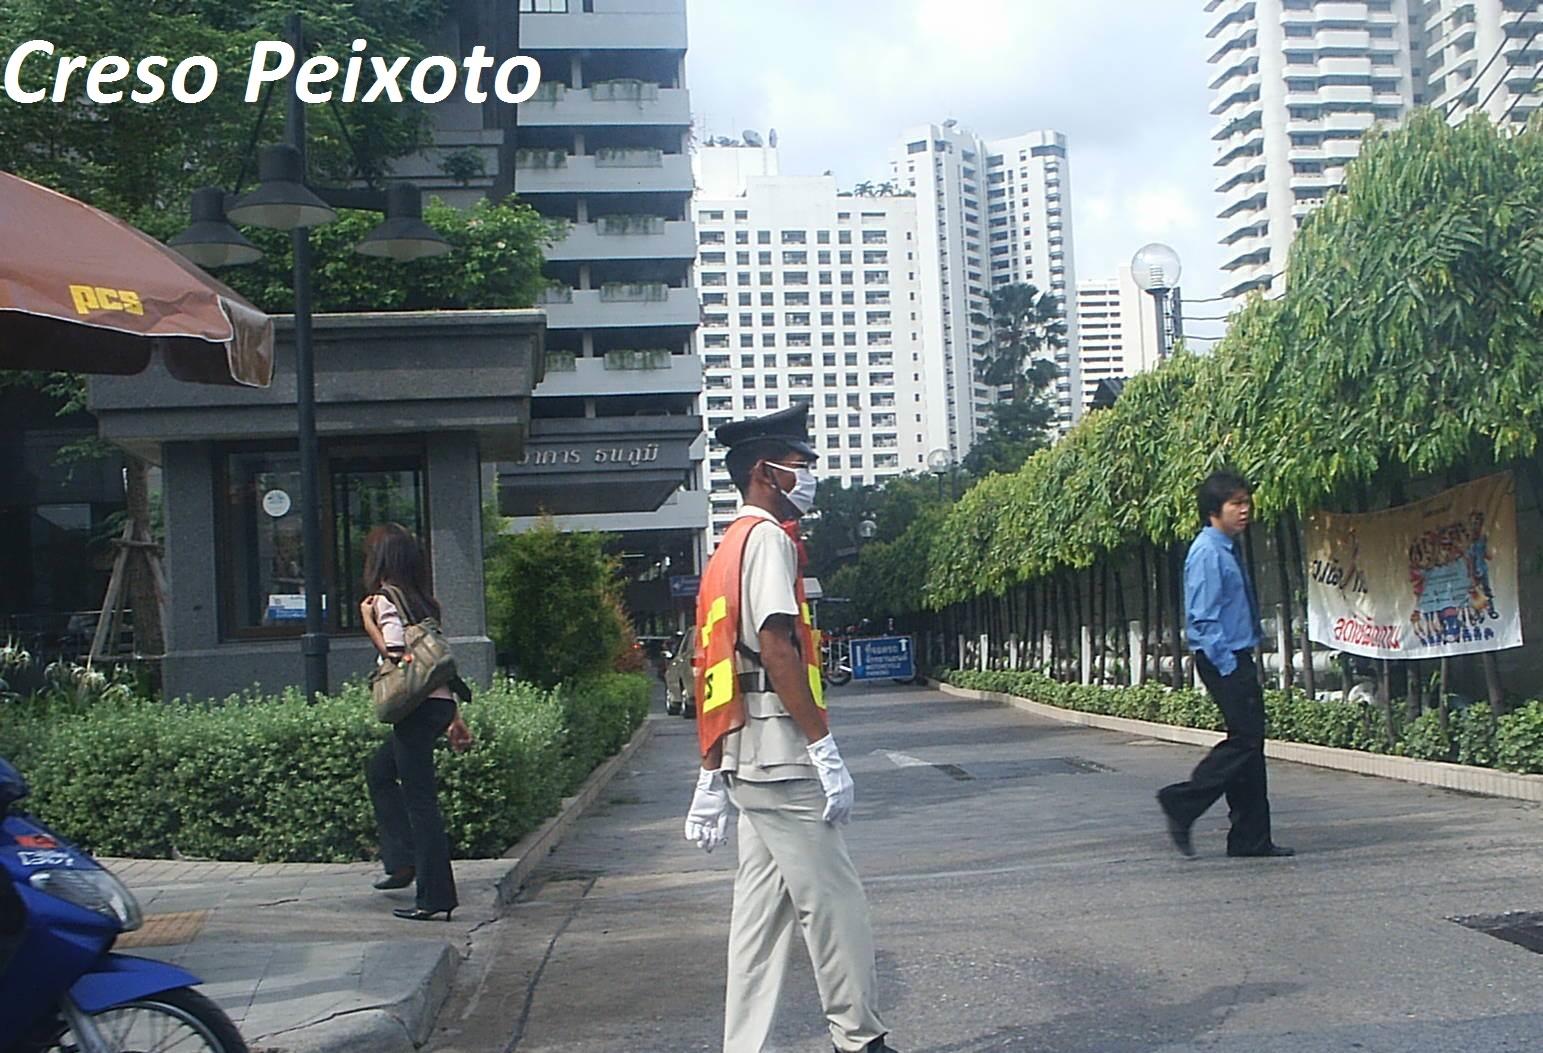 BTS Skytrain Bangkok foi solução adotada na capital Tailandesa para melhoria do transporte urbano. A tarifa foi cheia à época desta avaliação, 2005 e não integrada a ônibus e ao metrô (na capital o metrô aéreo à época era separado em termos administrativos e tarifários, como se fosse um